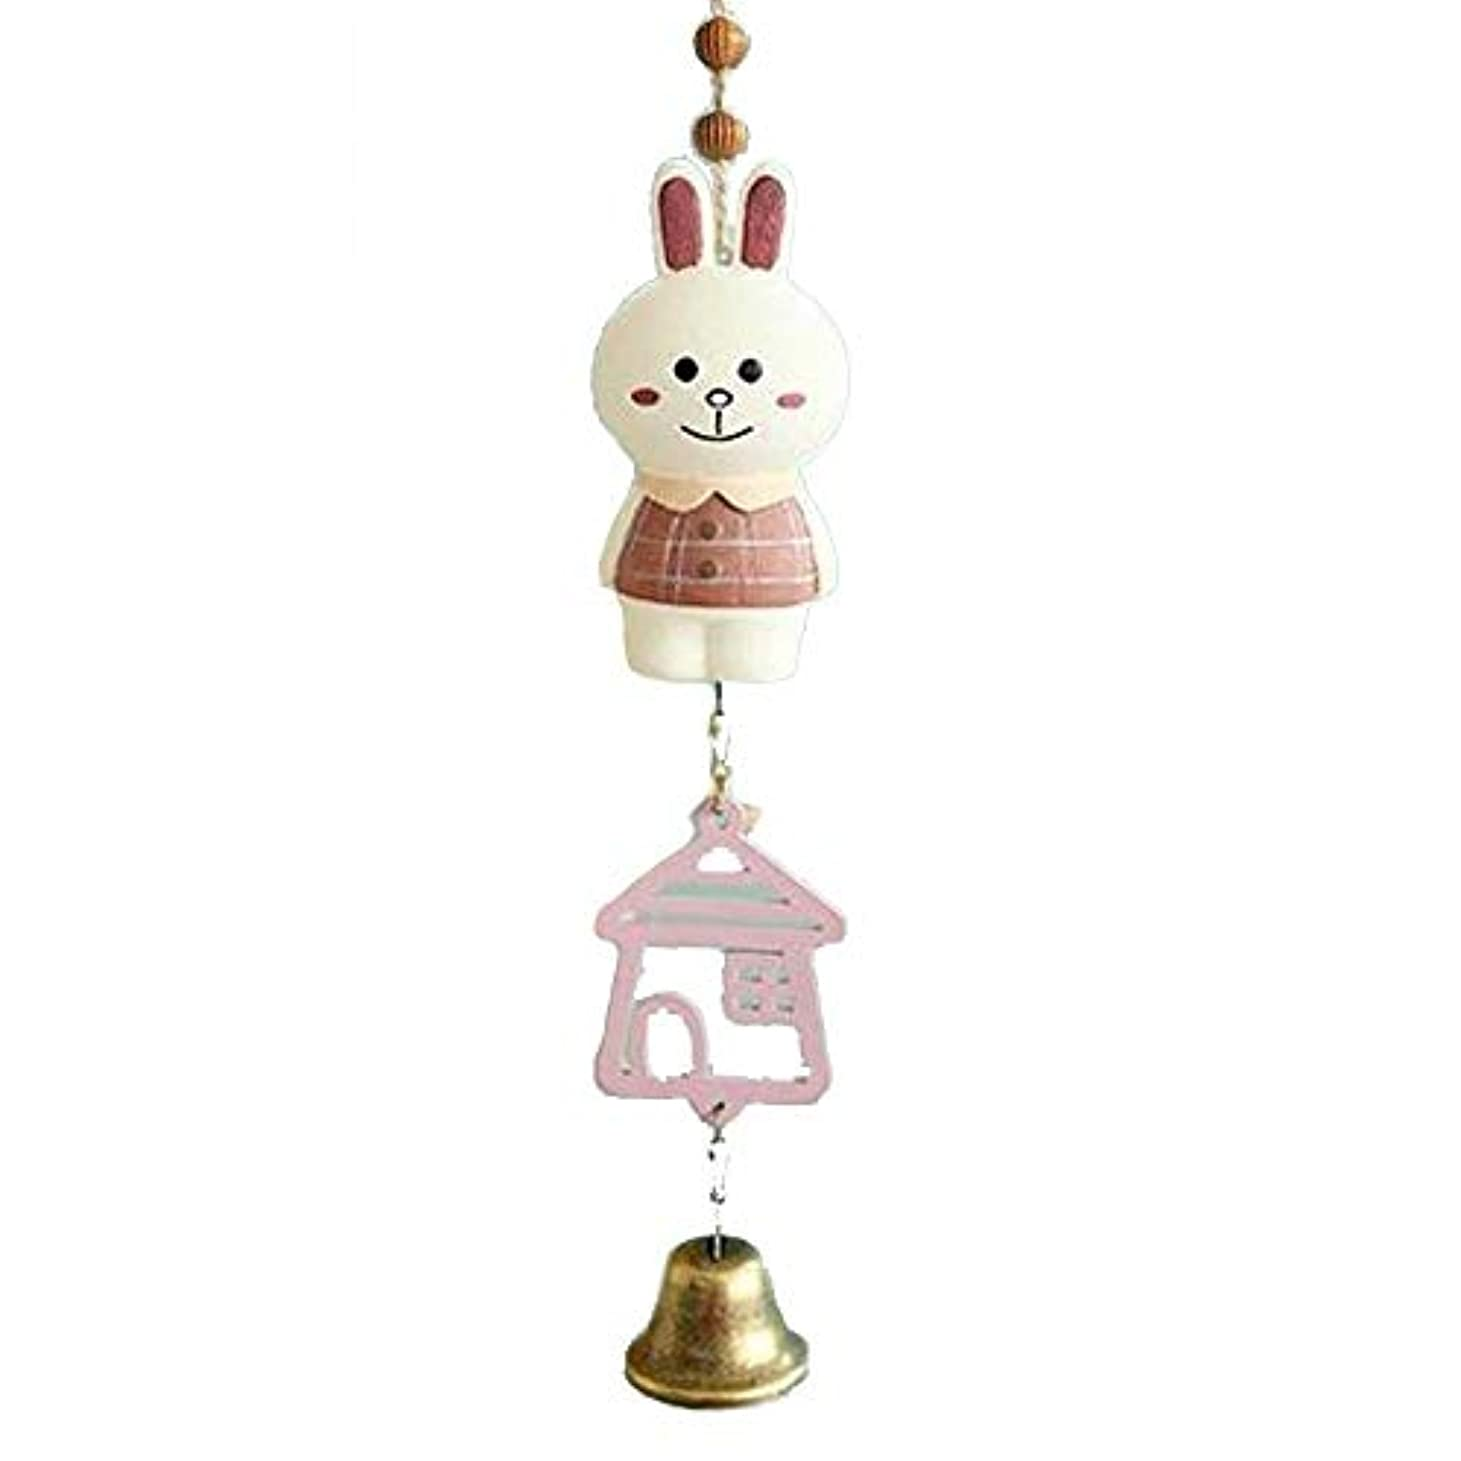 ステレオタイプ不健全天風鈴、創造的なかわいい動物風鈴、女の子の心の誕生日プレゼント、サイズ、5 * 23センチメートル (Color : White)